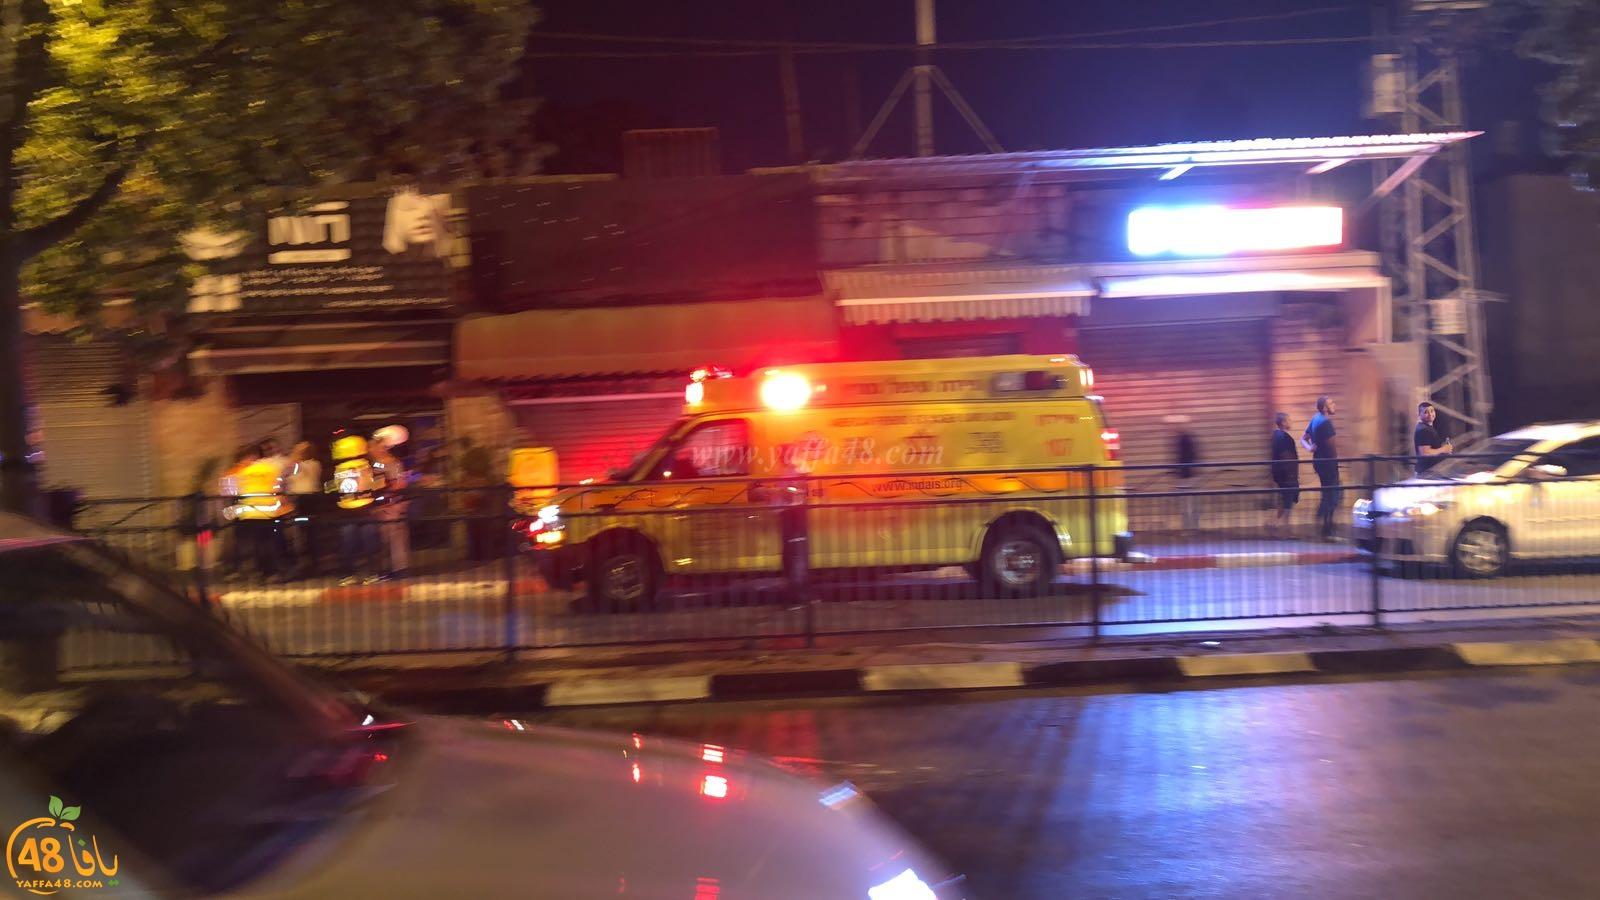 للمرة الخامسة خلال يومين - اطلاق نار في مدينة الرملة ولا أنباء عن اصابات